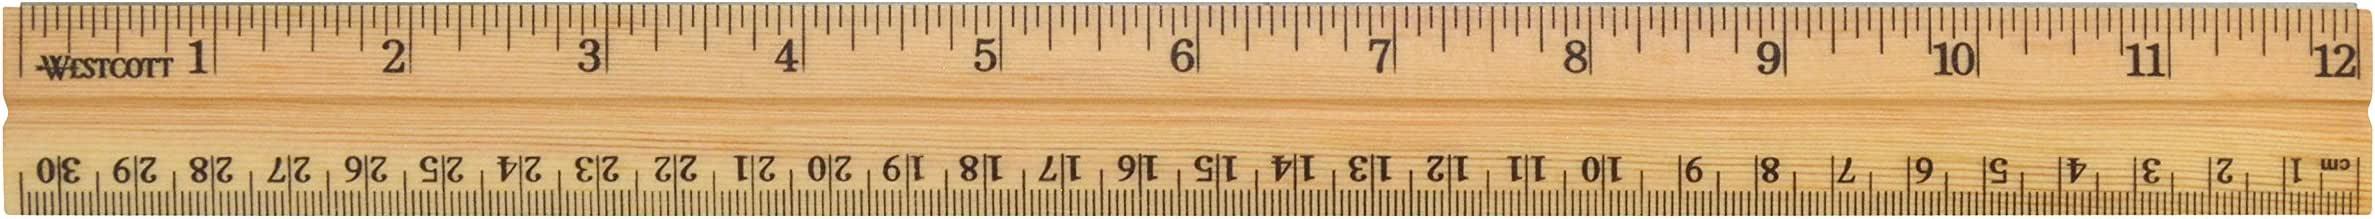 Westcott 10377 12 WD School Ruler Wood